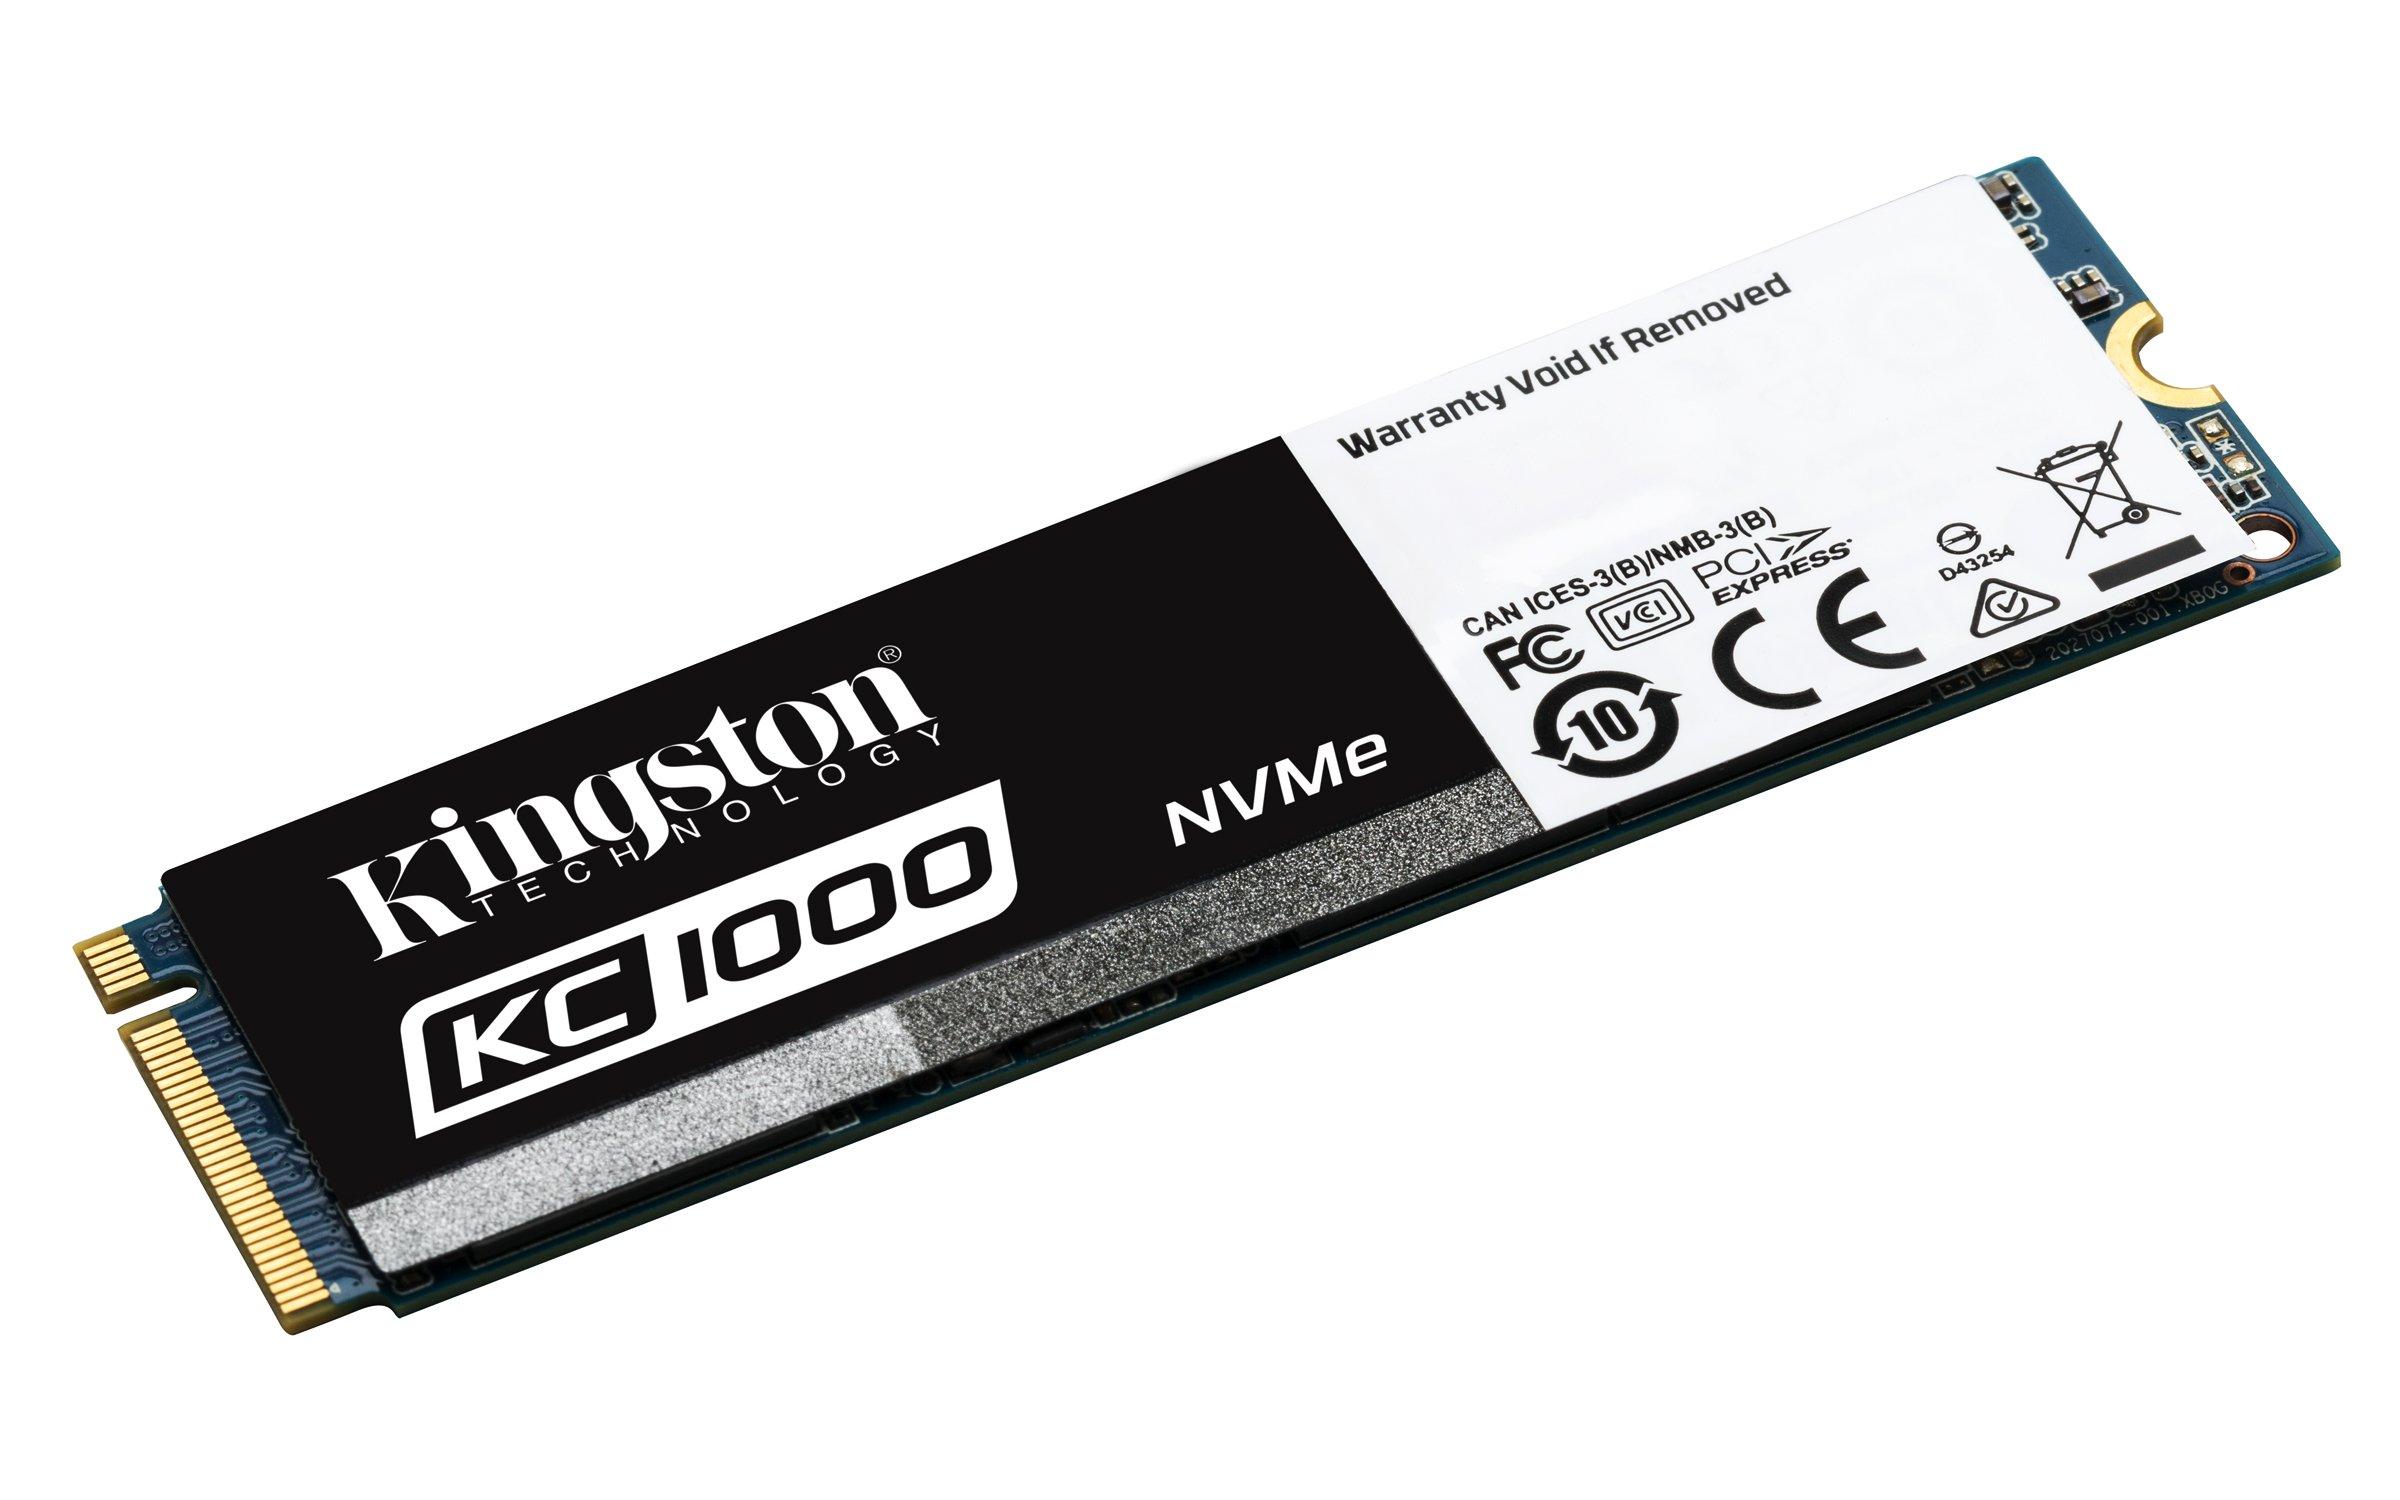 Kingston Digital KC1000 NVMe PCIe 480GB SSD (M.2 2280) SKC1000/480G by Kingston